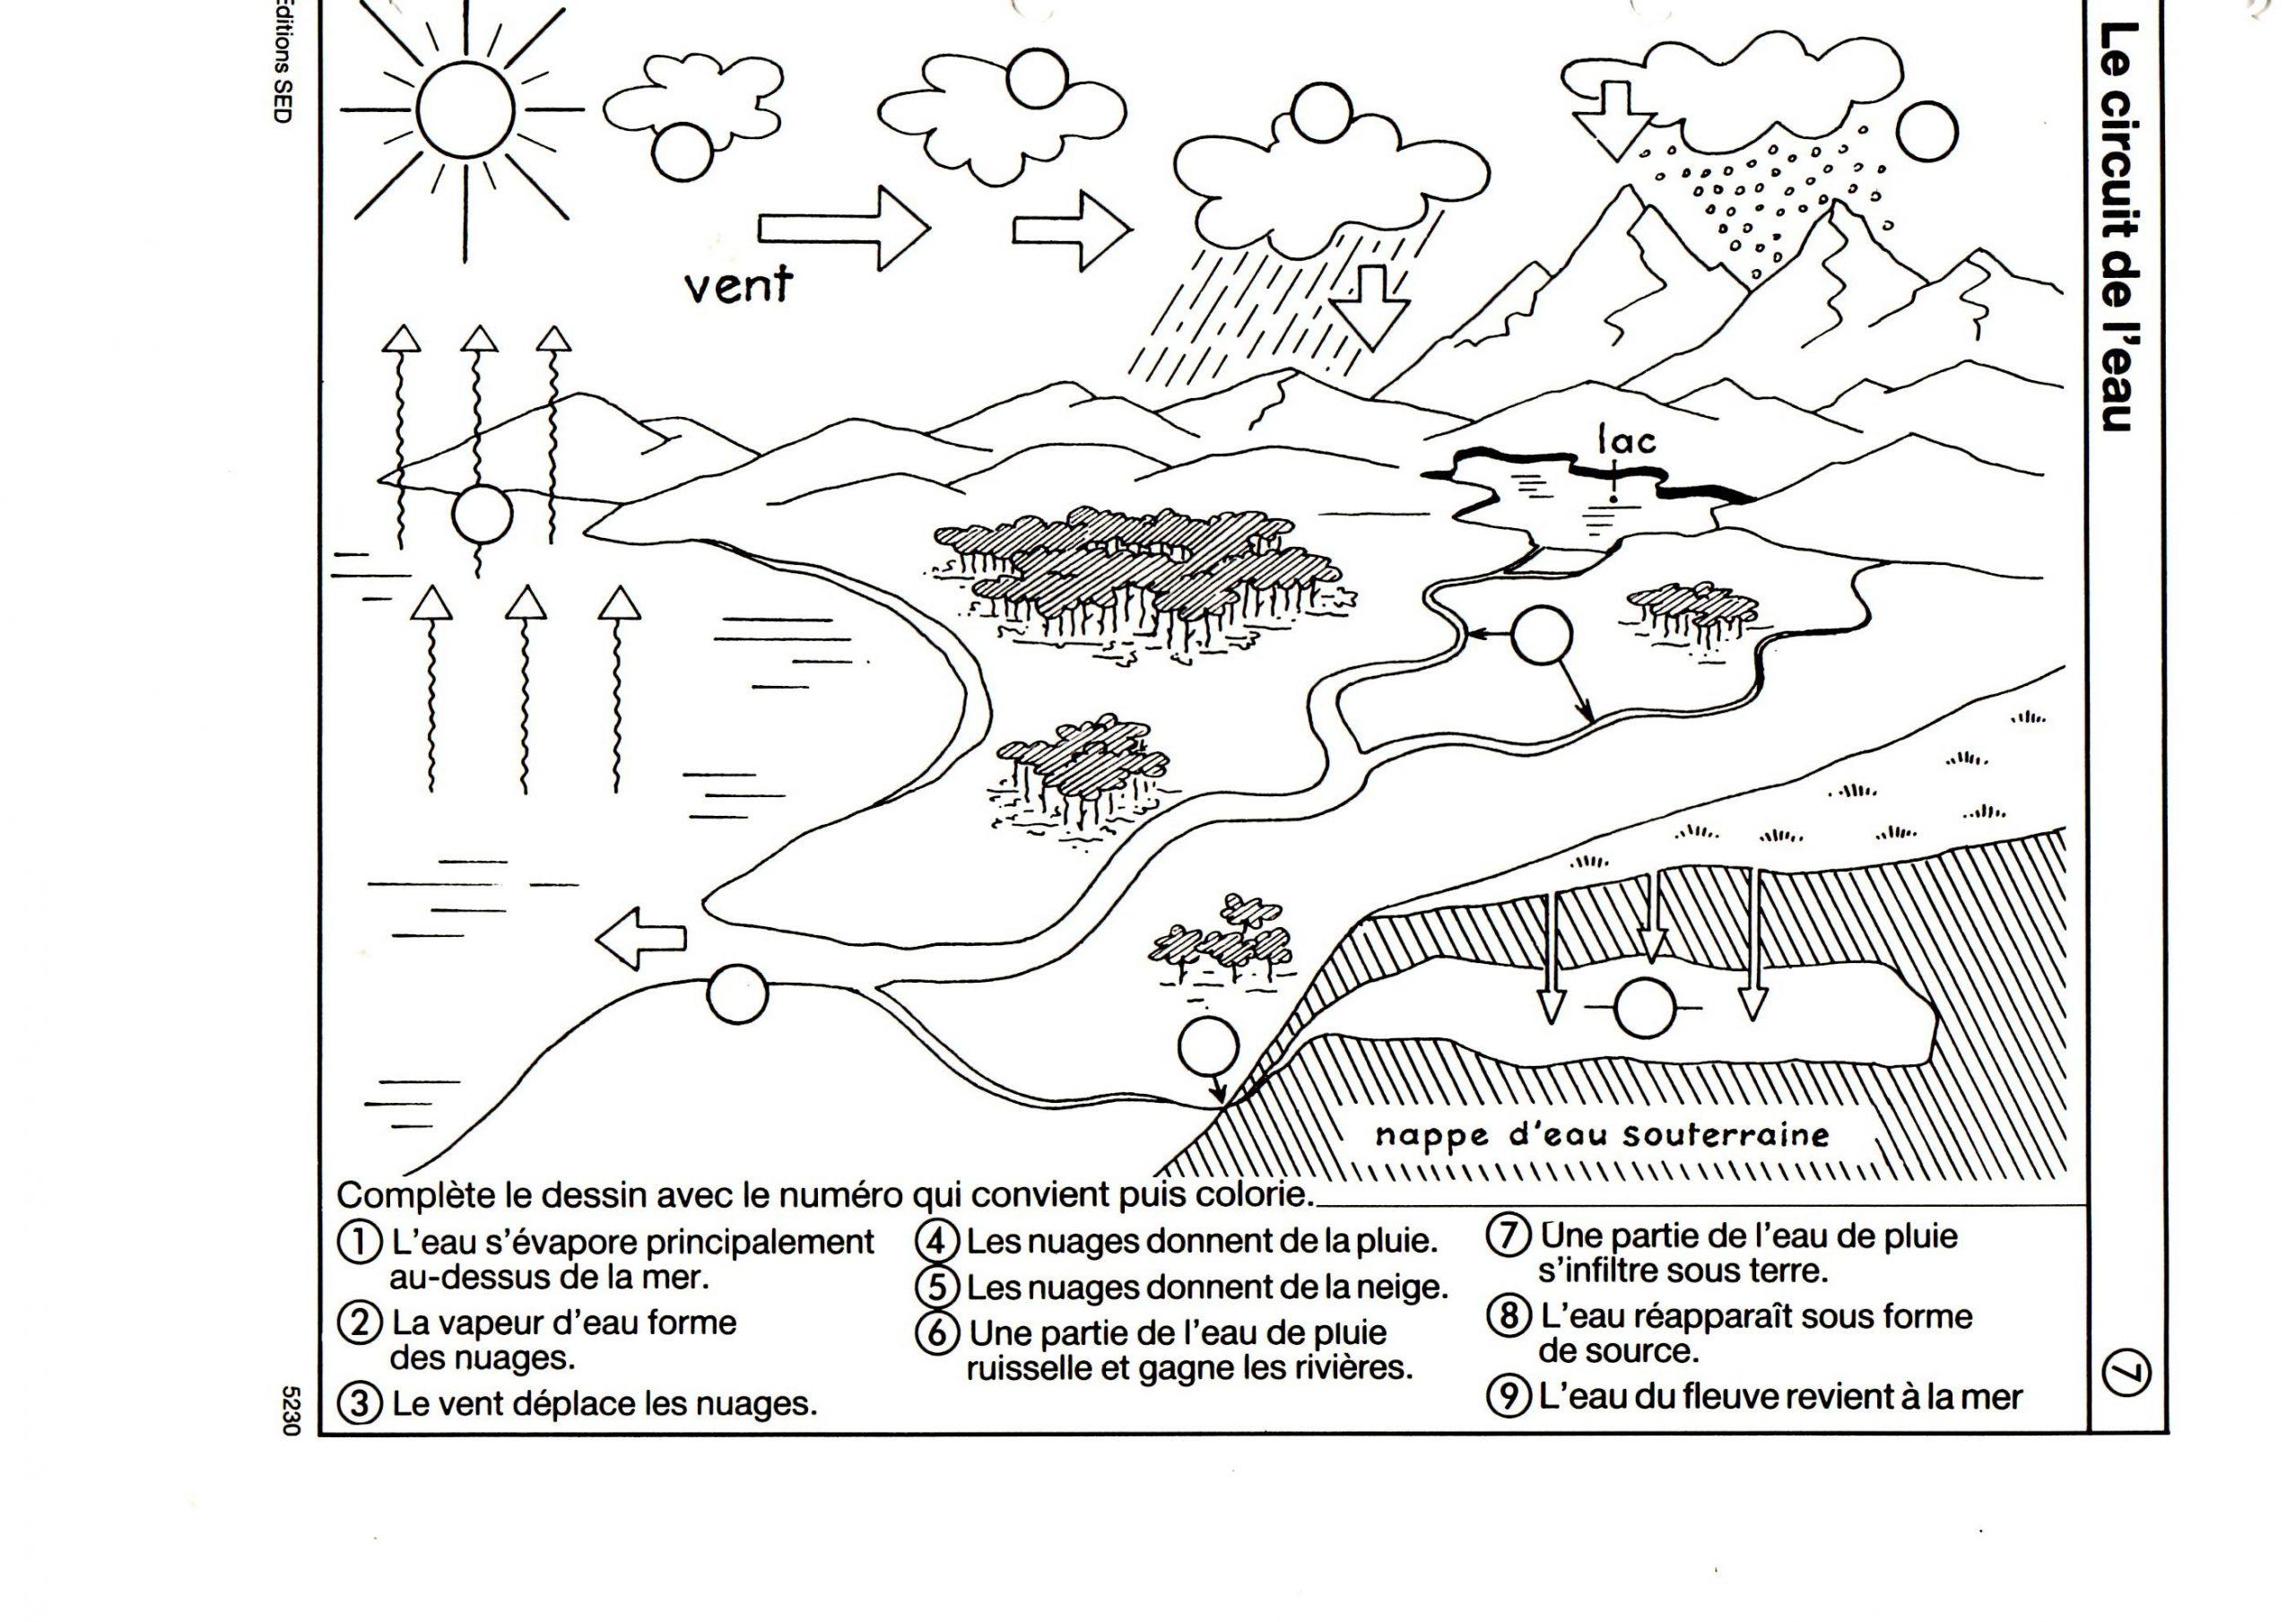 Ddm - Espace: Rivières Et Fleuves - Tata Nananou intérieur Fleuves Ce2